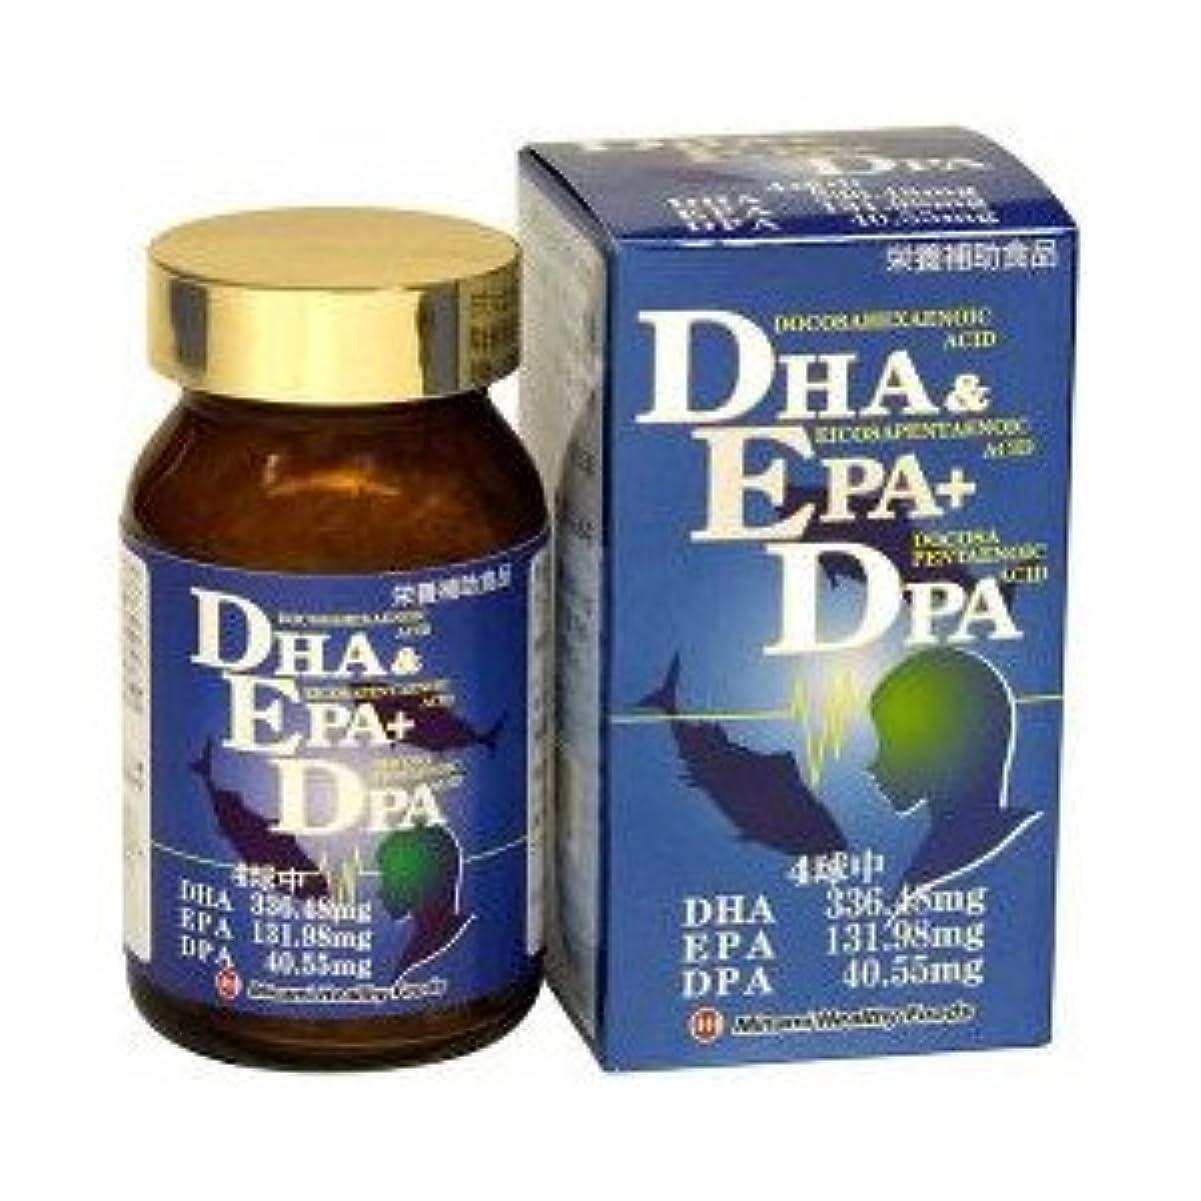 おそらくスパイラルかび臭いDHA&EPA+DPA 120粒